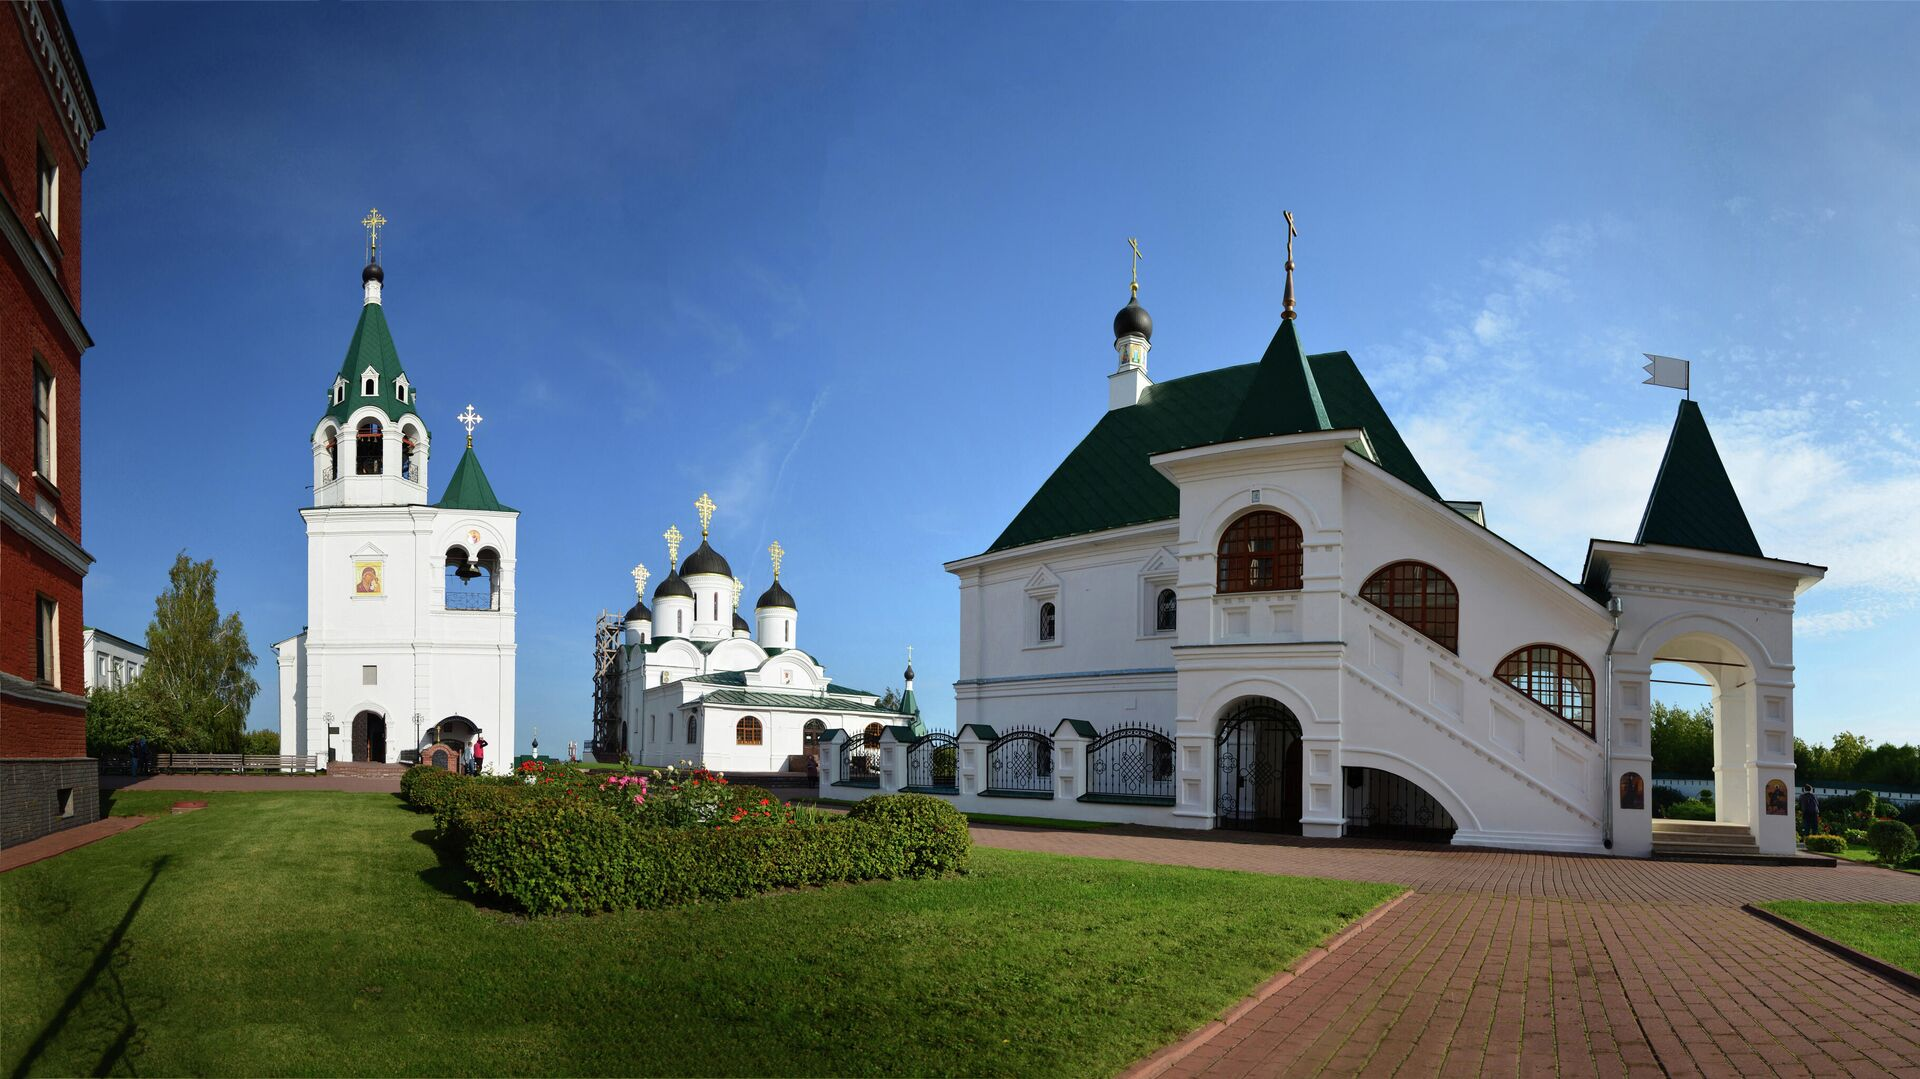 Спасо-Преображенский собор и Покровский храм в Муроме  - РИА Новости, 1920, 24.06.2021